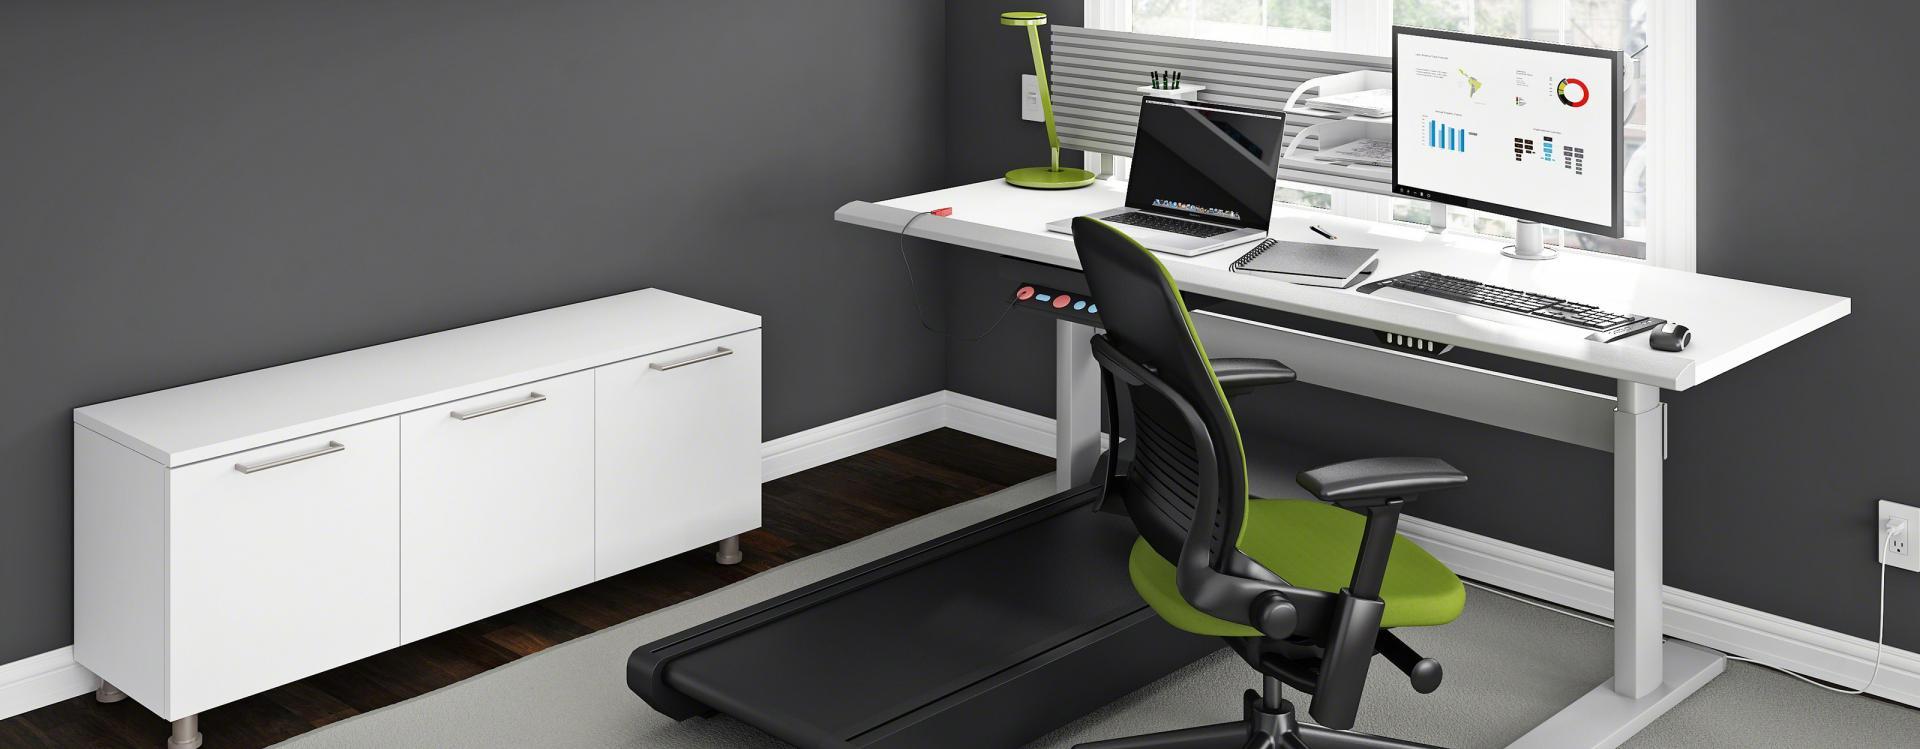 Le bureau «assis-debout» : remède à la sédentarité au travail ?